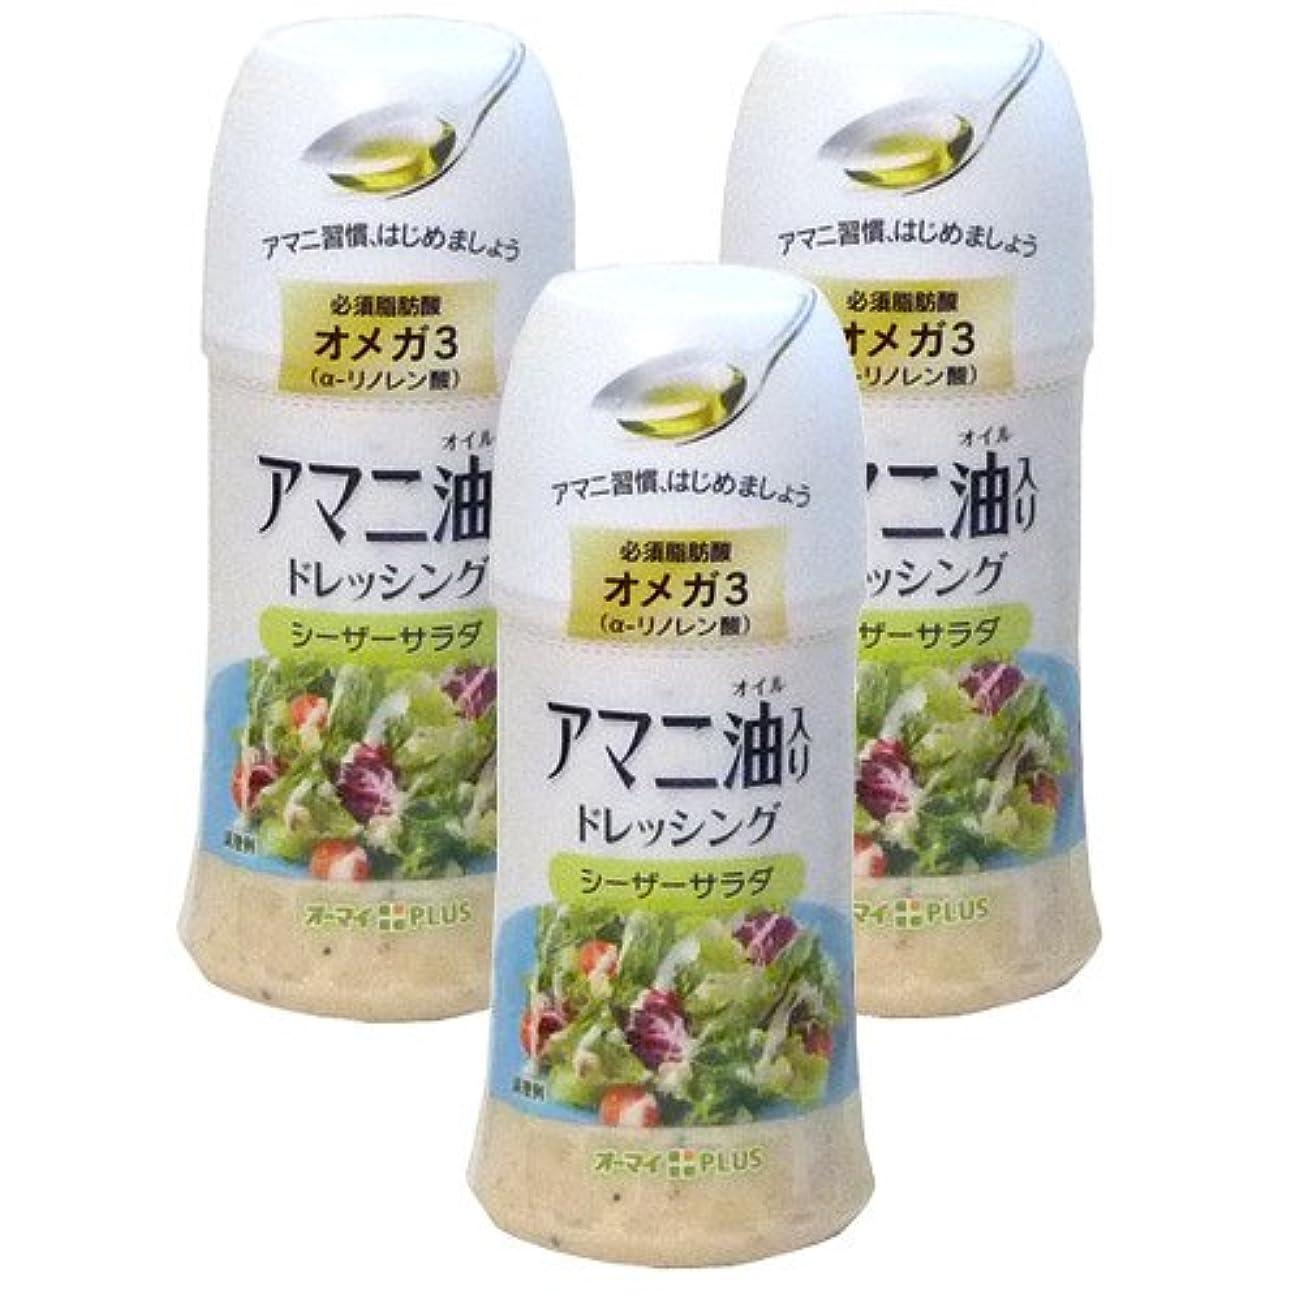 協力的上げる投資アマニ油入り ドレッシング シーザーサラダ【3セット】